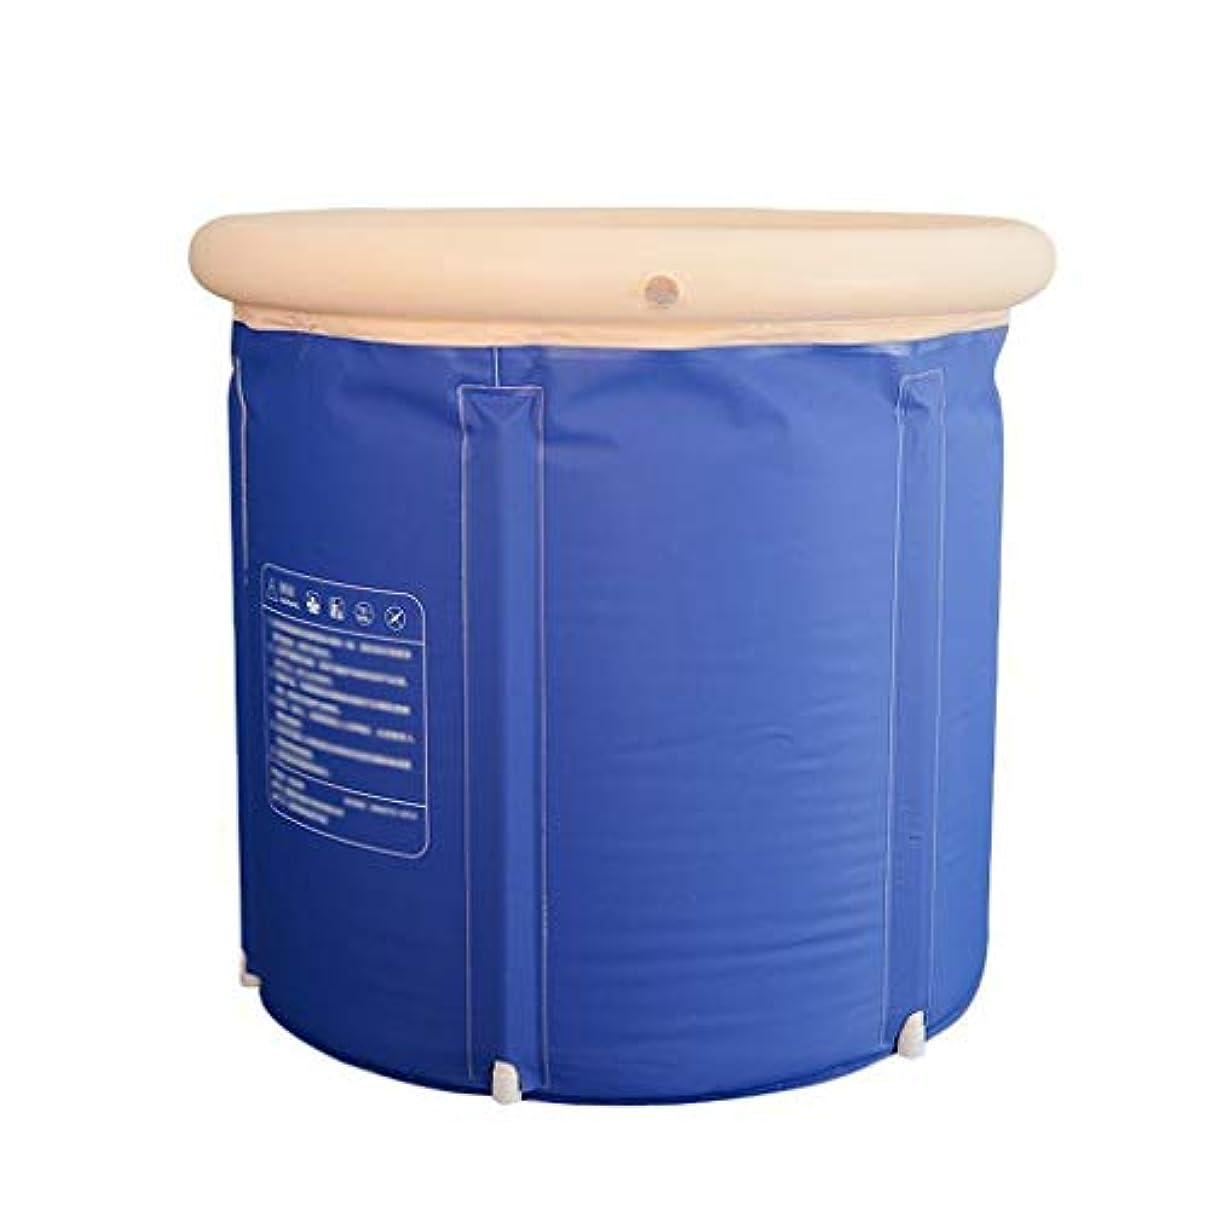 眩惑する計算可能謎めいたインフレータブル浴槽、折りたたみ式家庭用大人および子供用浴槽、長持ちする保温機能付きのポータブル浴槽、大型、便利な収納、省スペースのSPA全身浴槽は家族全員で使用できます (Size : 70*70CM)